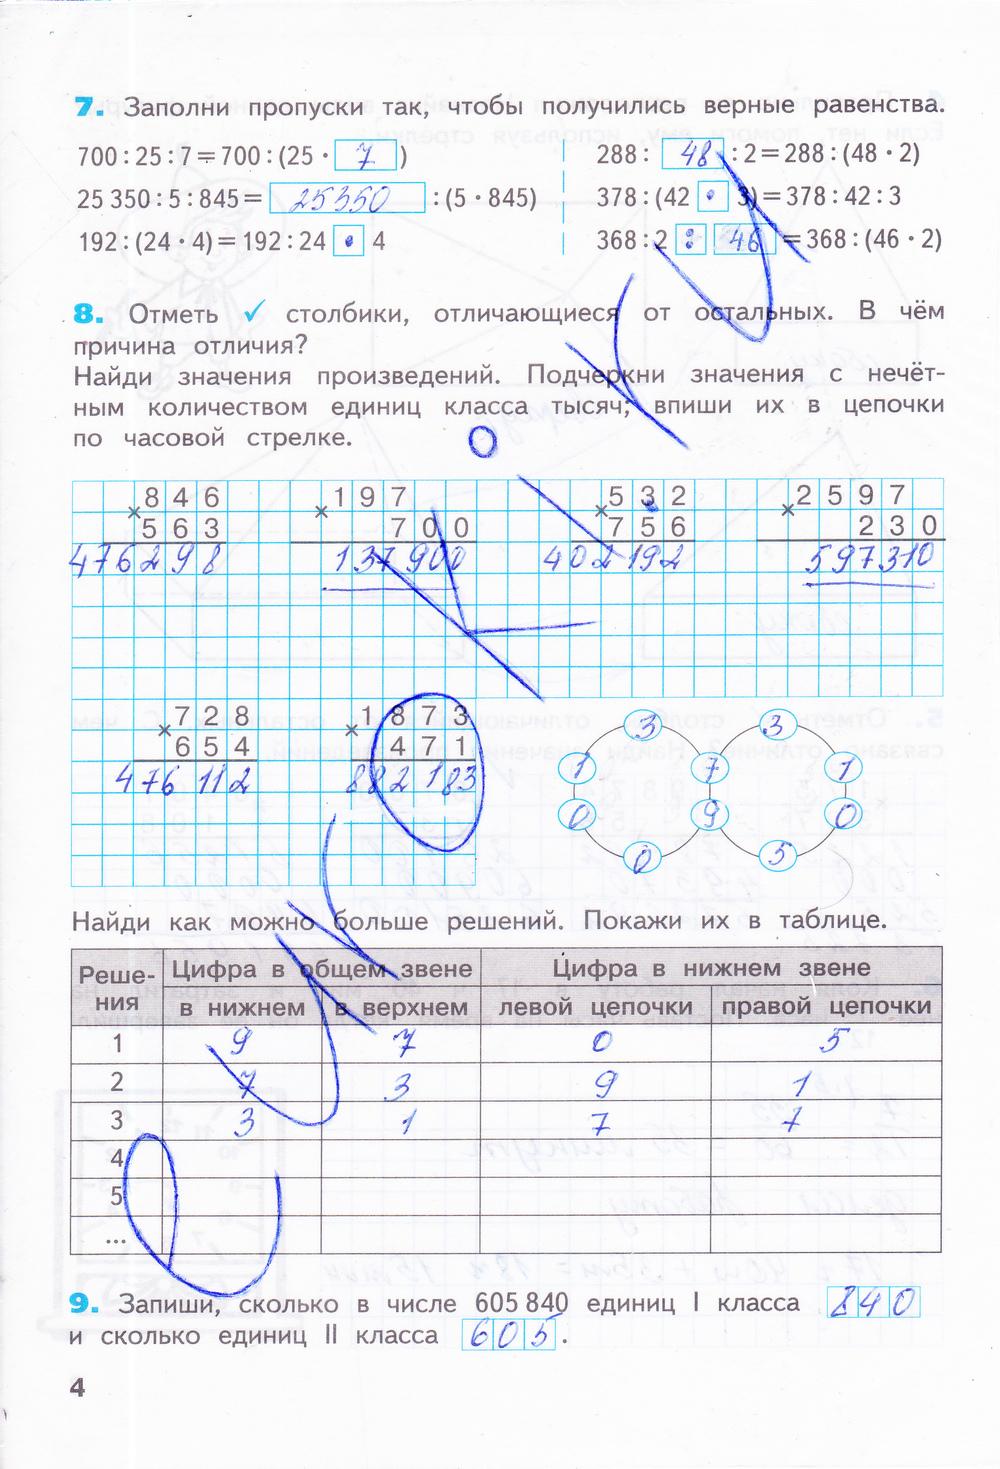 Решение задач за 3 класс по бененсону 3 рефлексивный анализ решения педагогической задачи